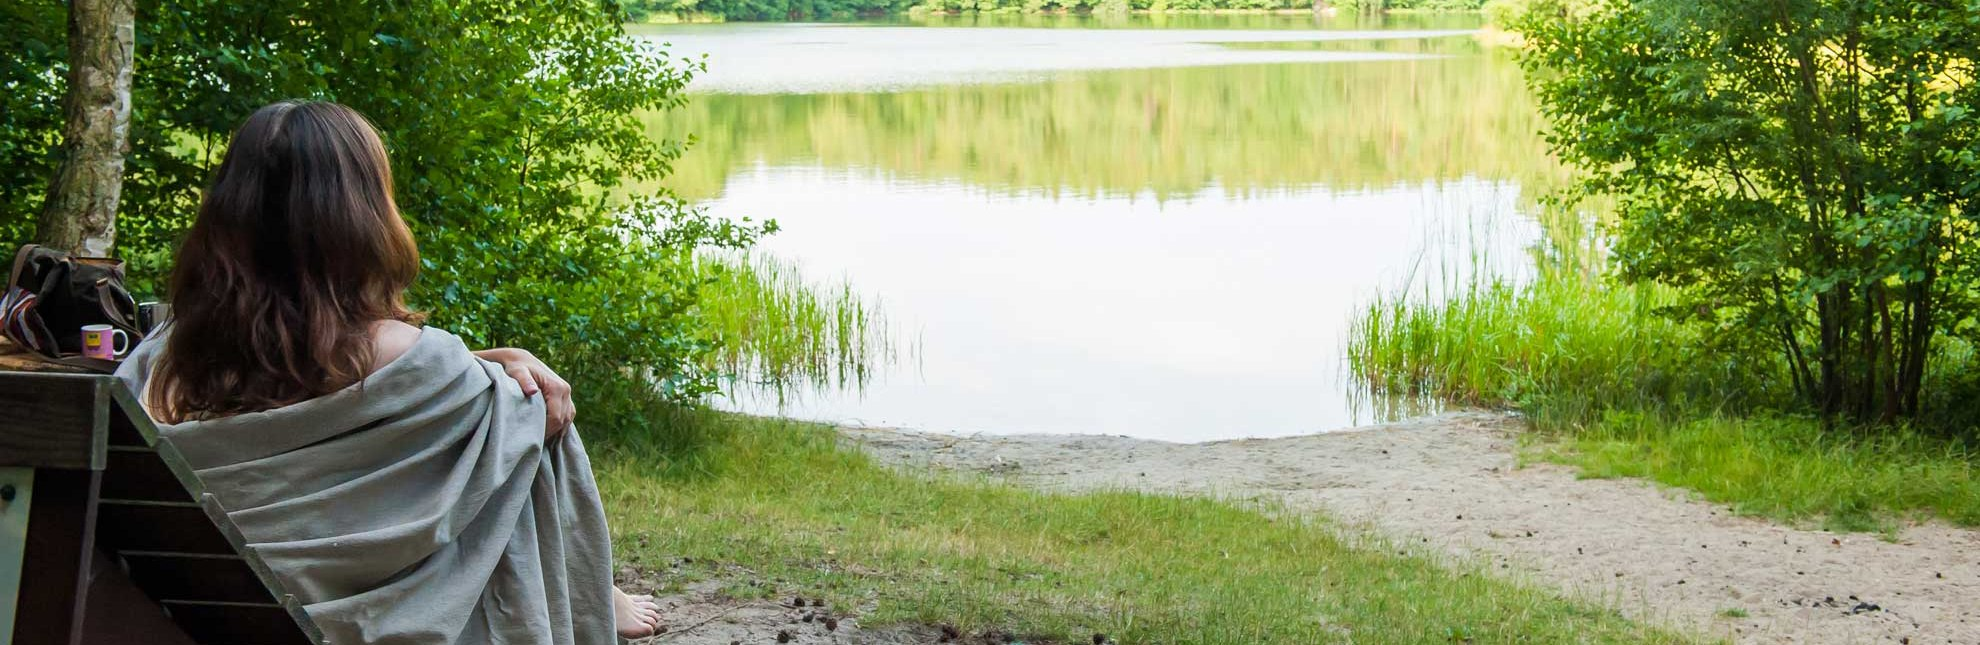 Das Waldsofa am Pinnsee ist ein idealer Ort für eine kleine Rast., © Nicole Franke / HLMS GmbH